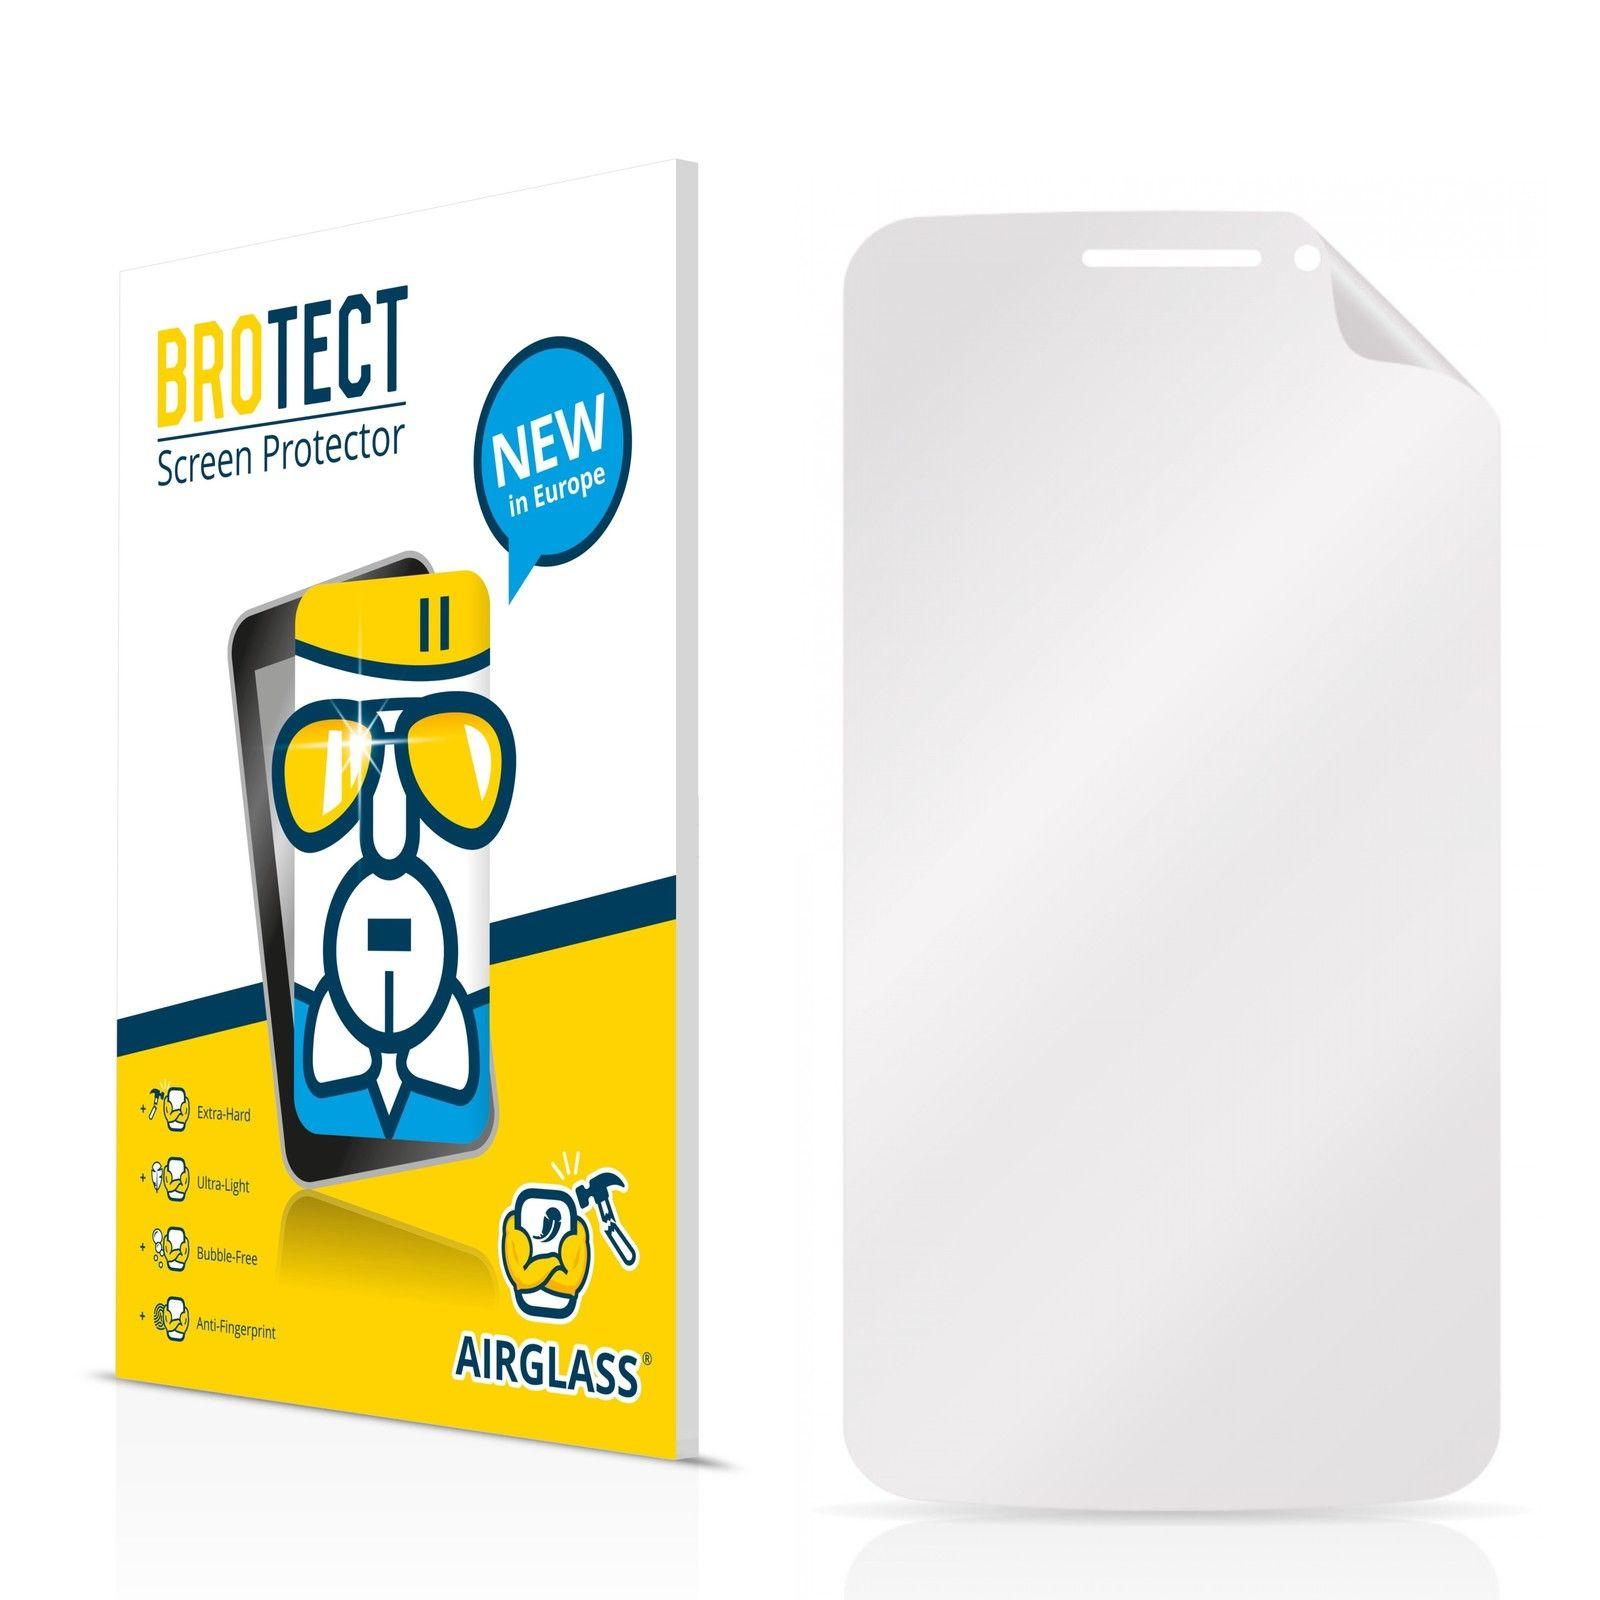 Extra tvrzená ochranná fólie (tvrzené sklo) AirGlass Brotec na LCD pro Prestigio MultiPhone 7600 DUO